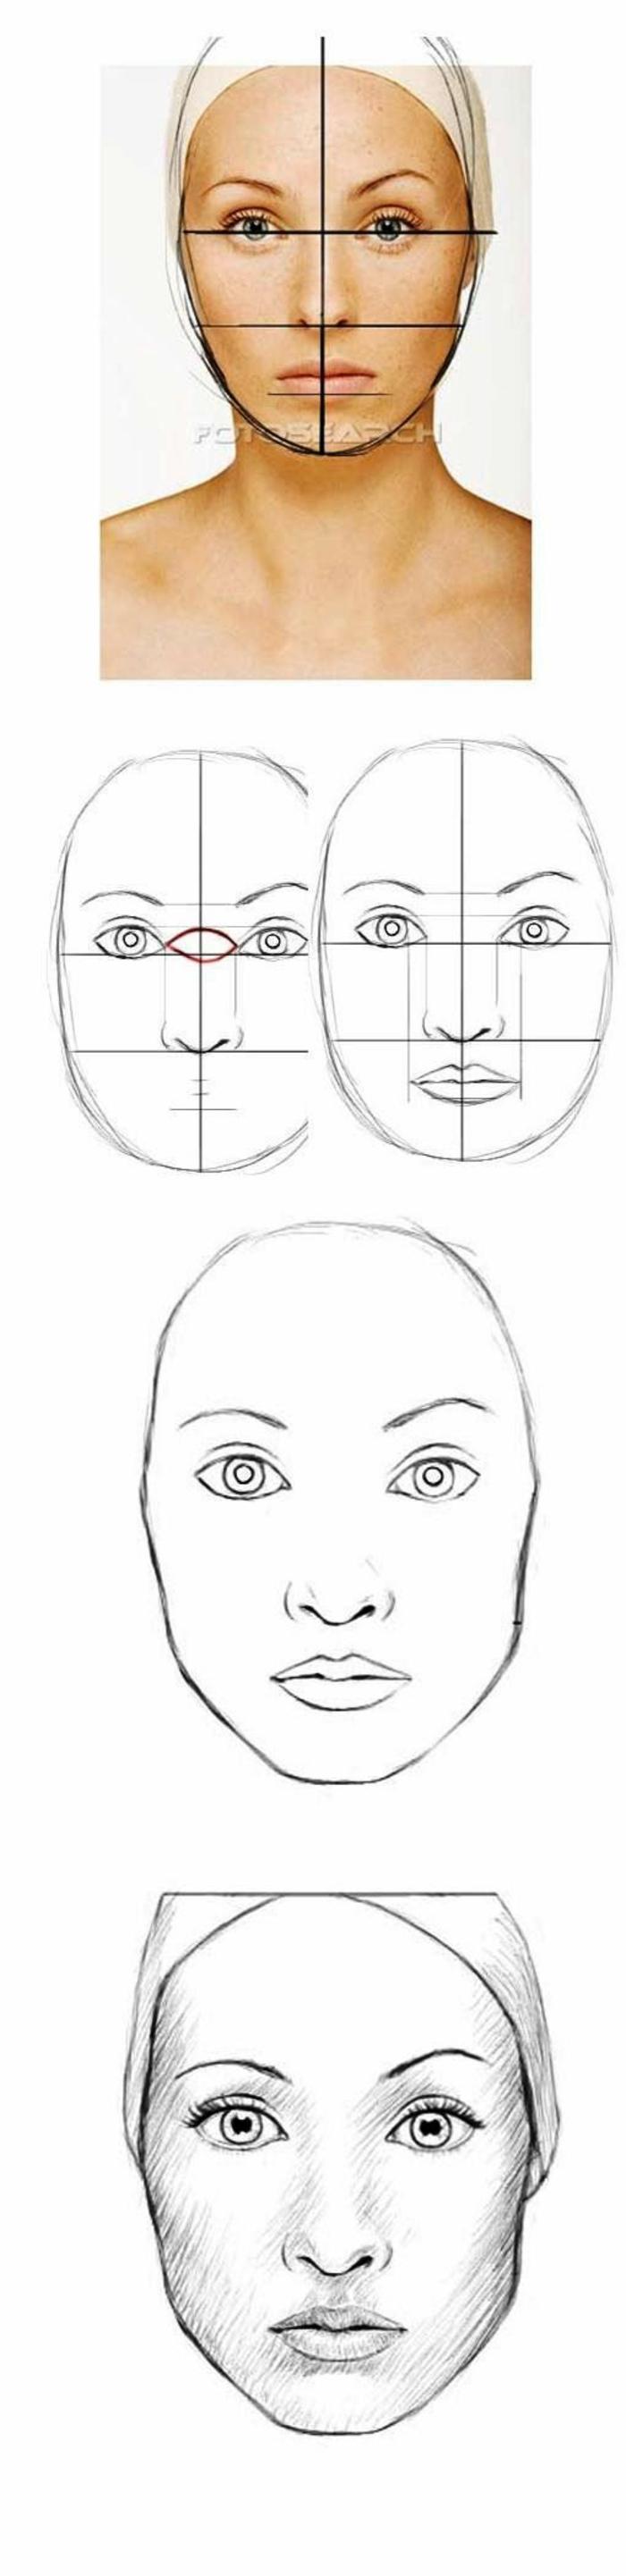 Disegni di donne bellissime, come disegnare un ritratto, tutorial con schema